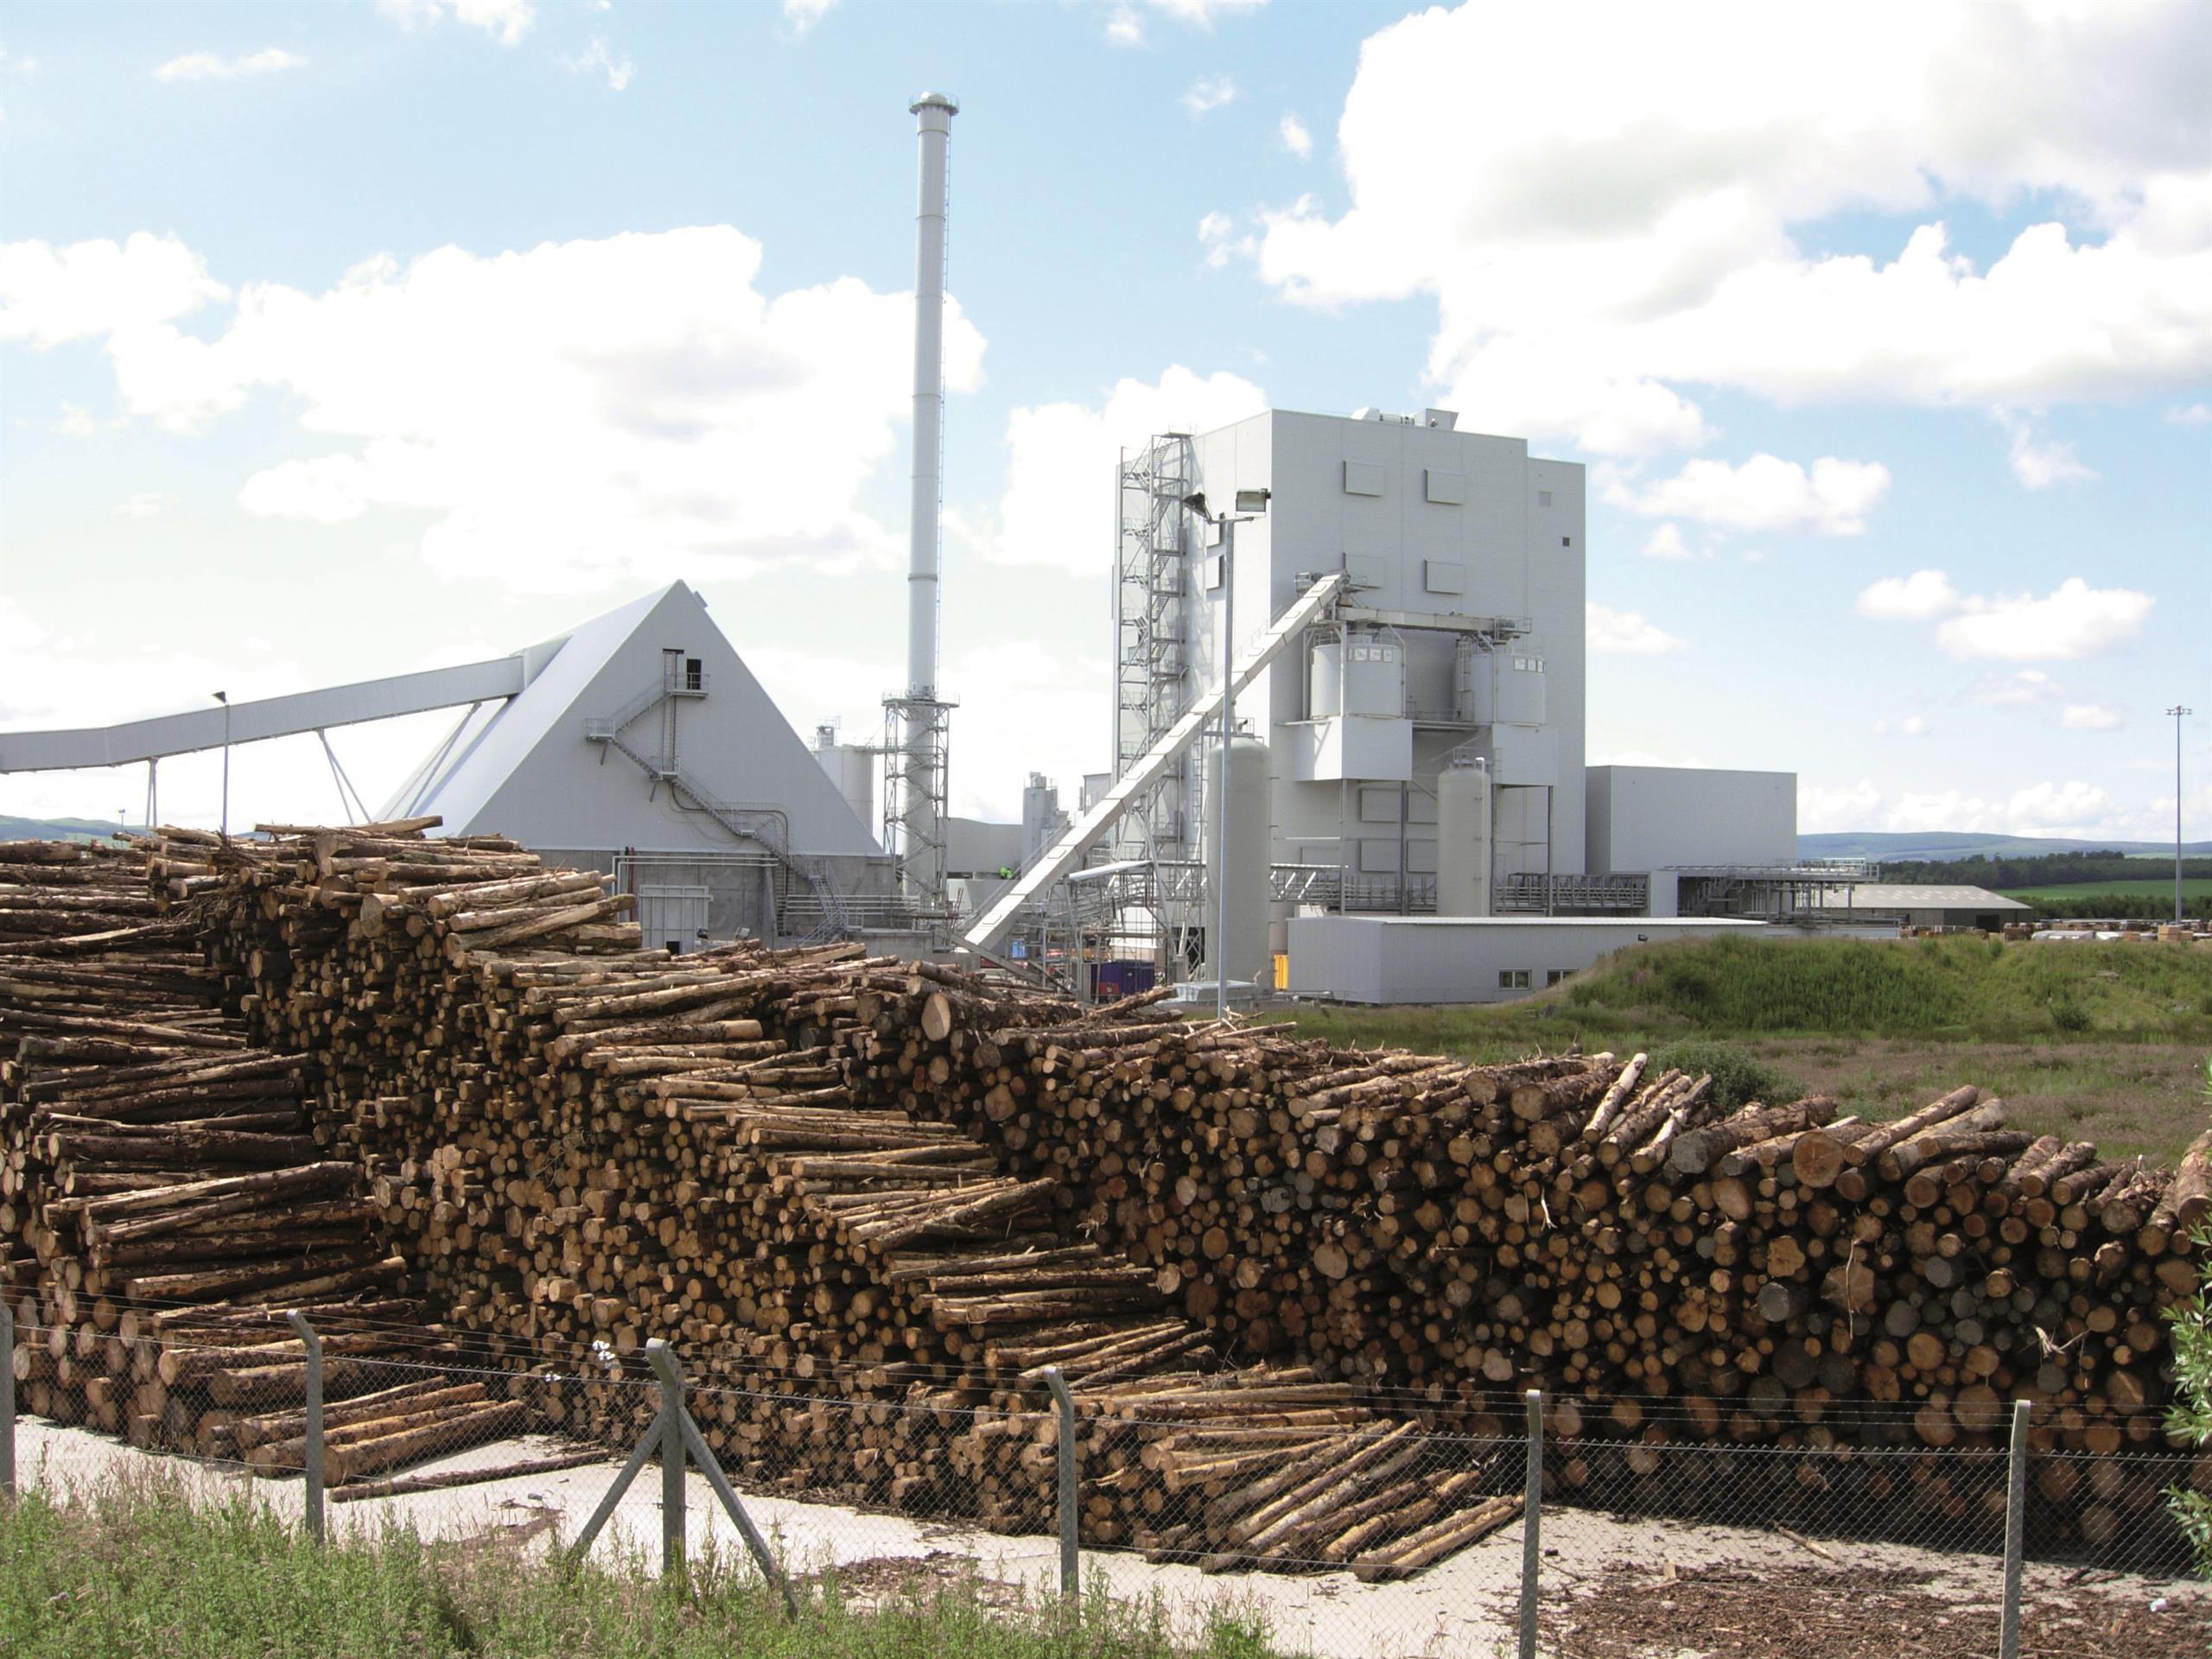 Alternatív, tiszta energia nyerhető, ha az energianövényeket nem égetjük, hanem biogázzá alakítjuk